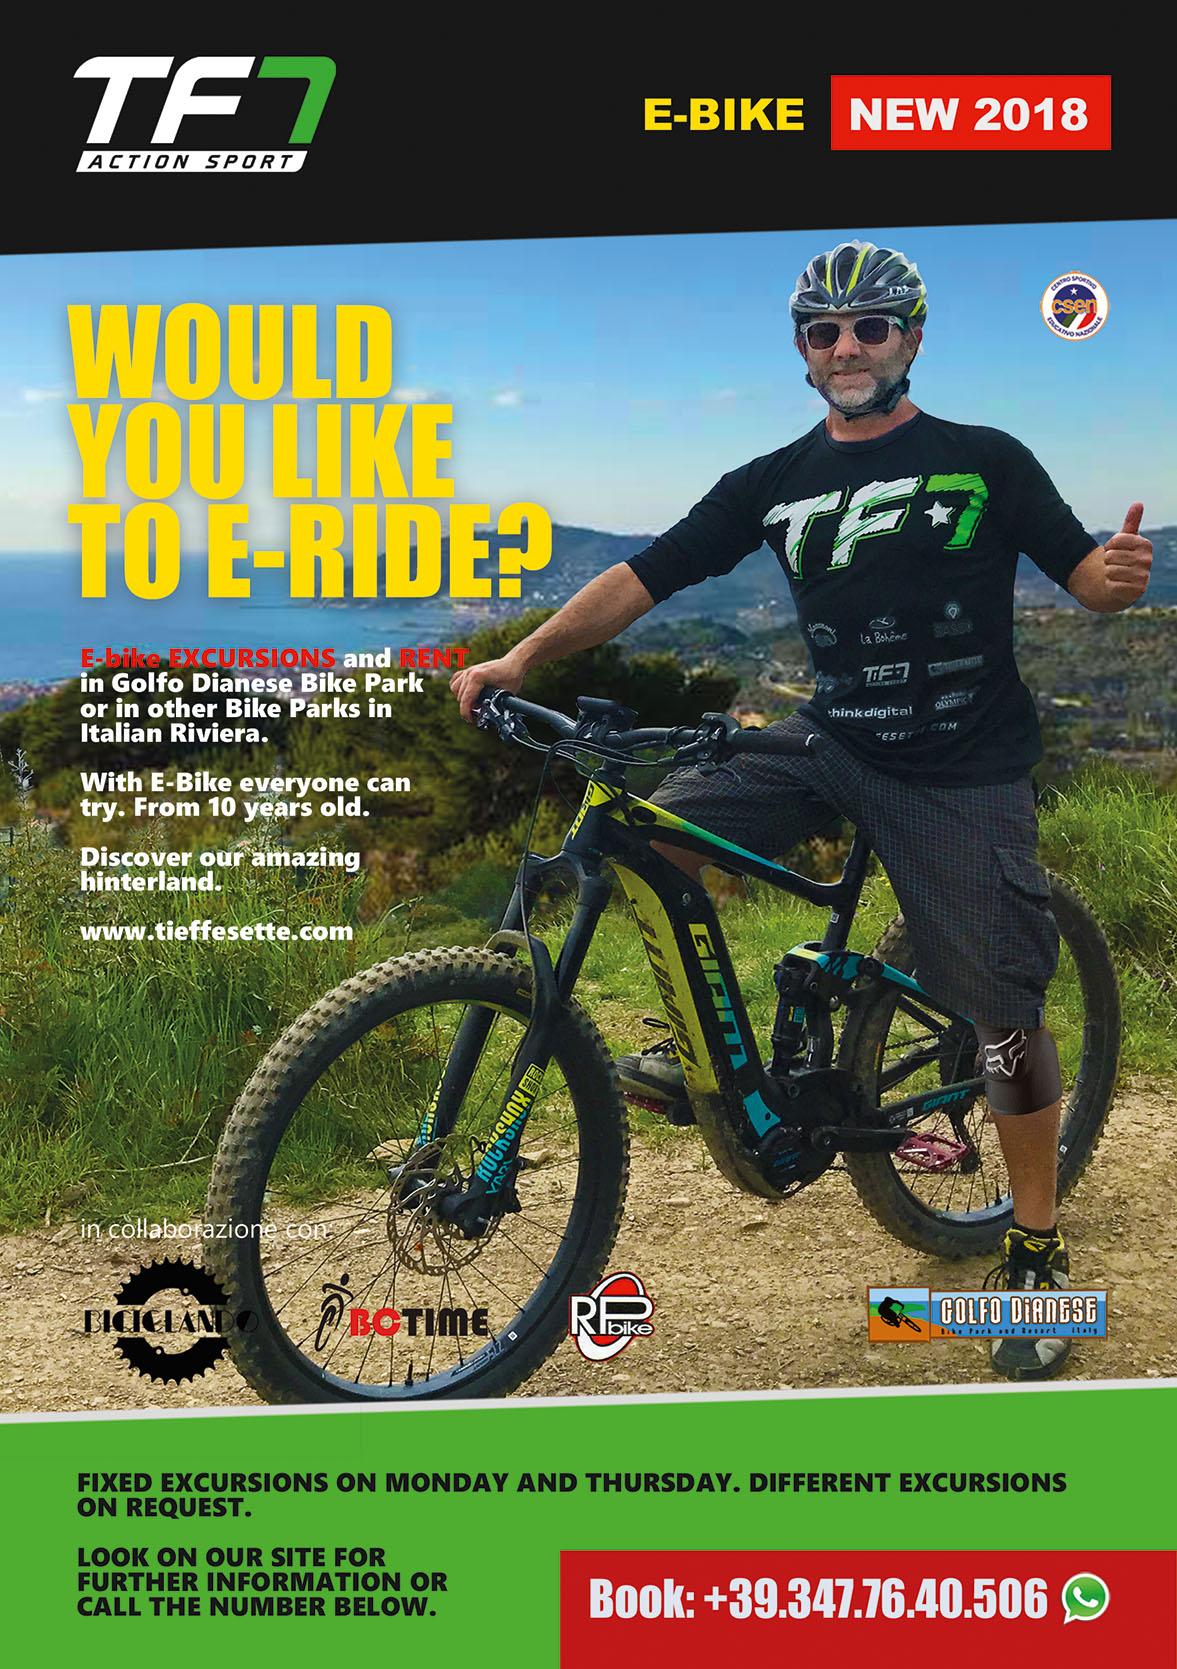 TF7 Escursioni e Noleggio E-Bike nel Golfo Dianese